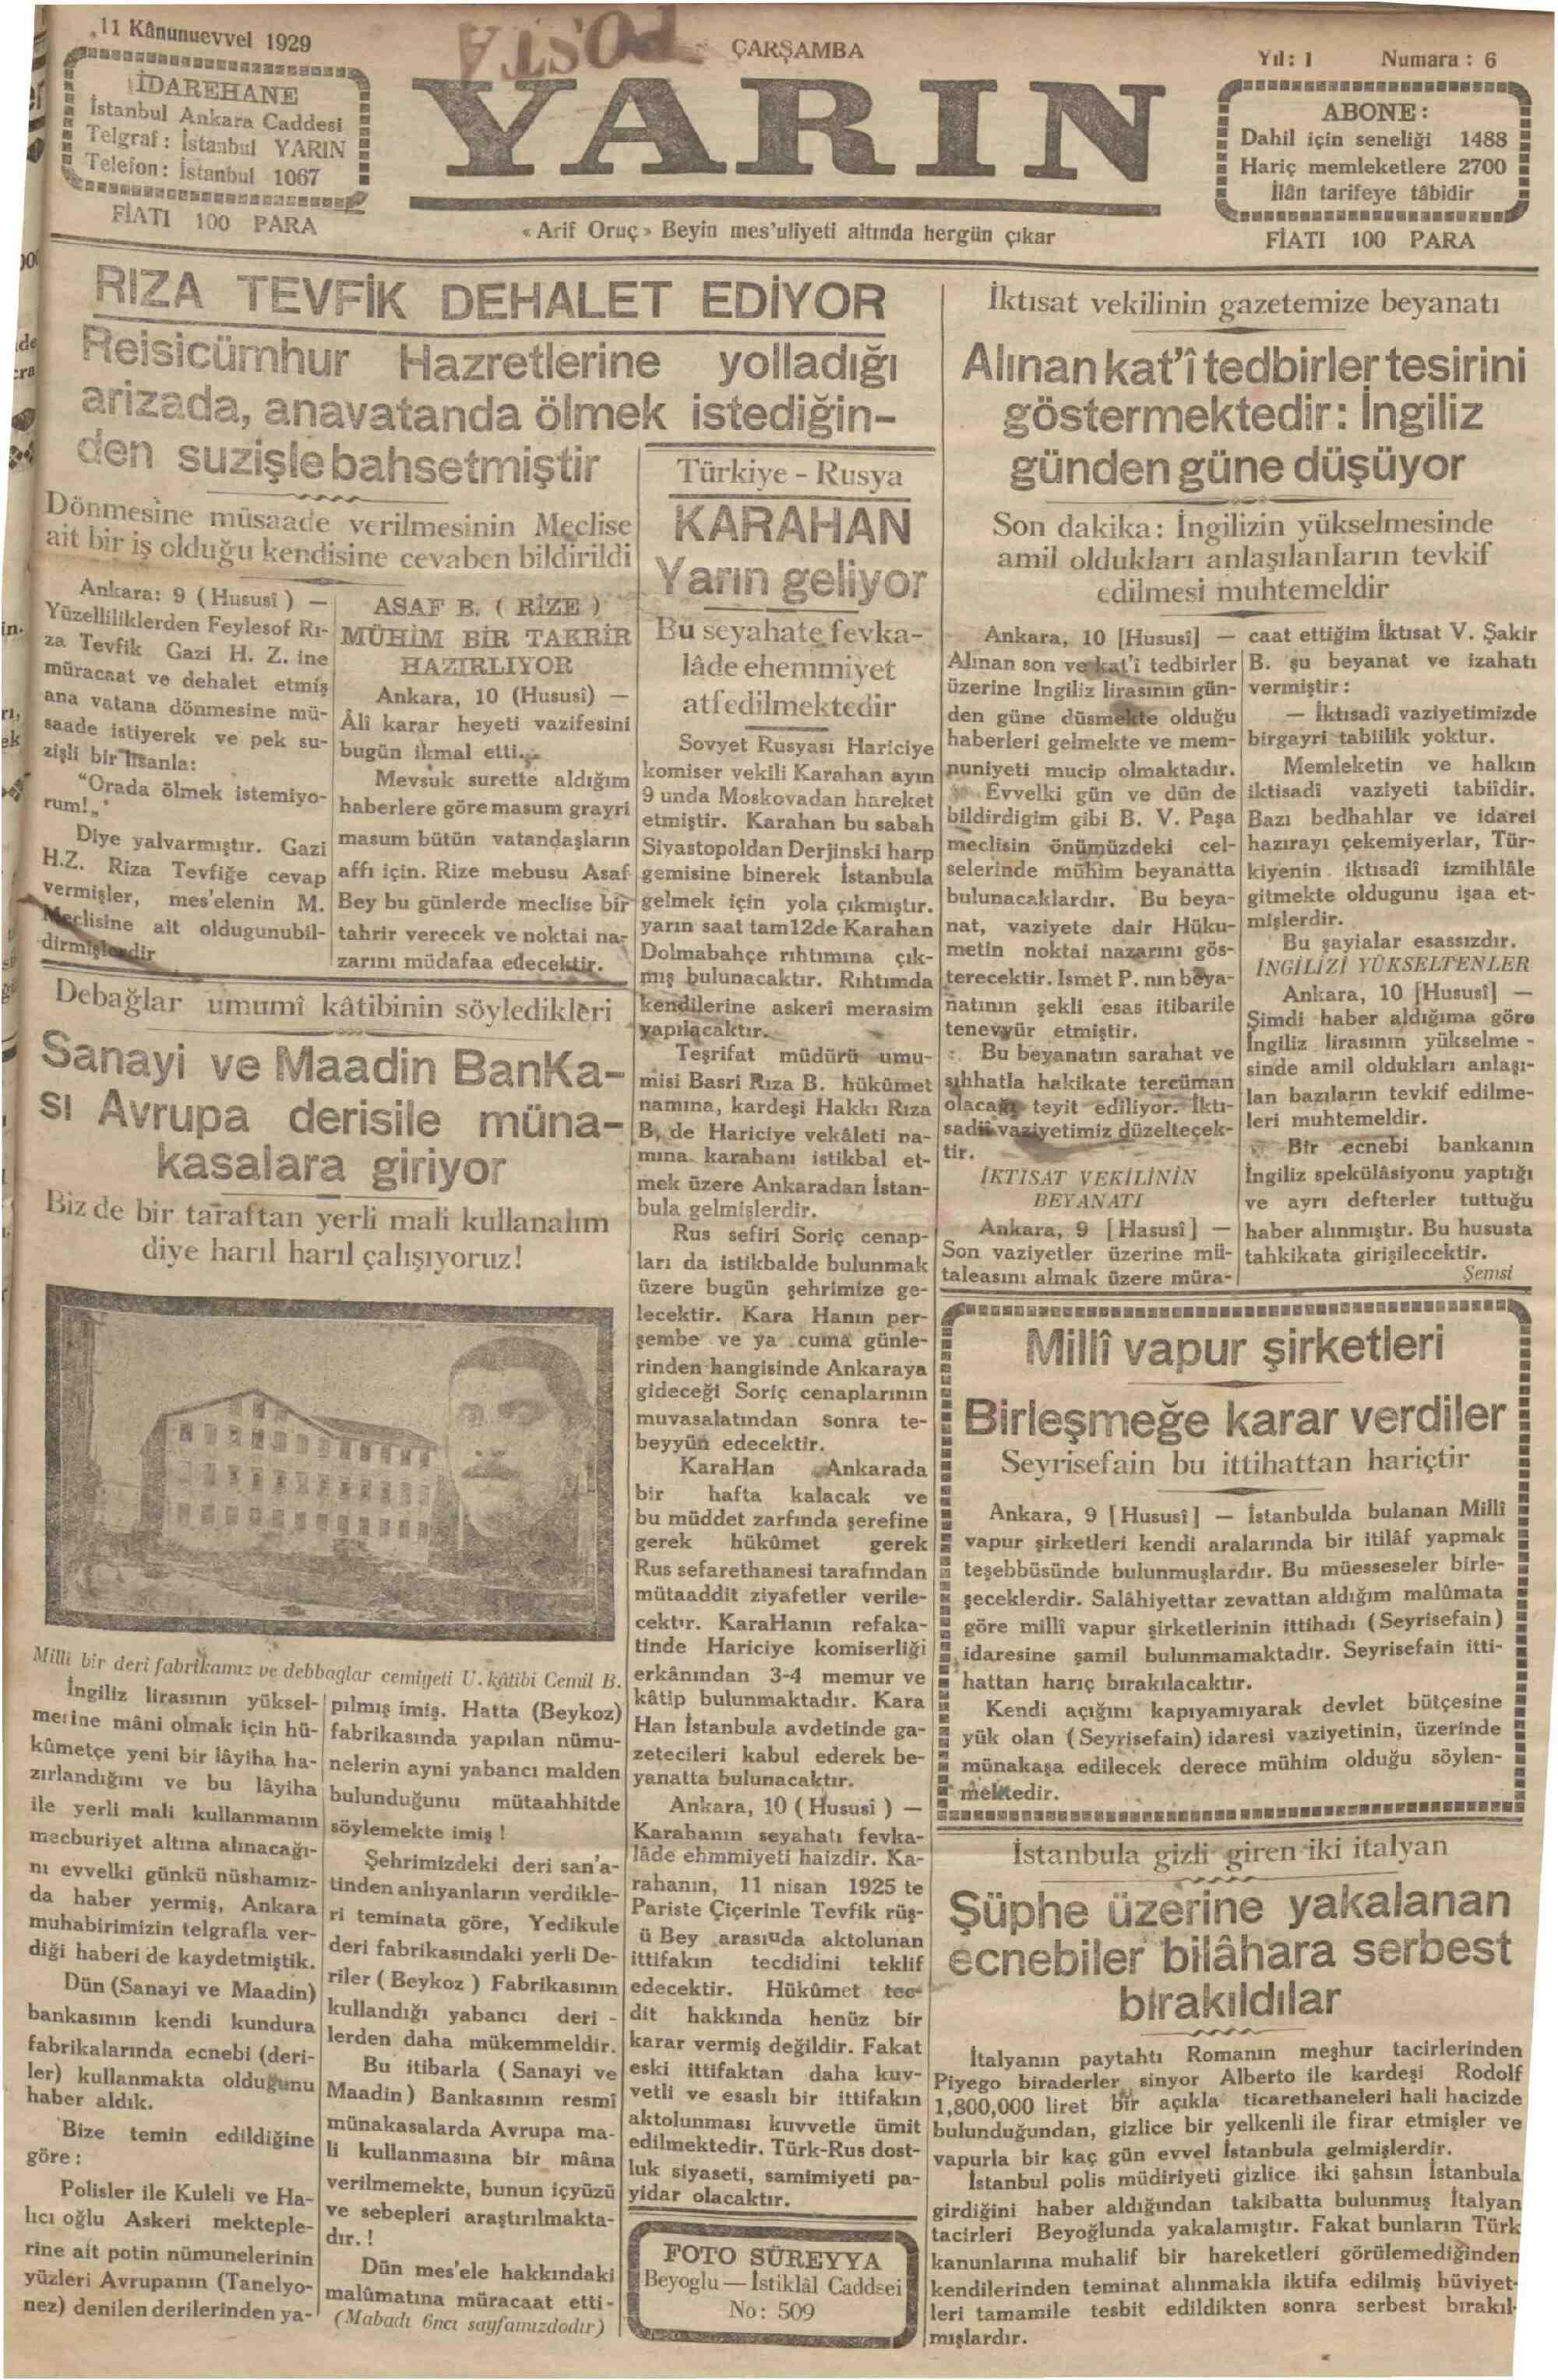 11 Aralık 1929 Tarihli Yarın Gazetesi Sayfa 1